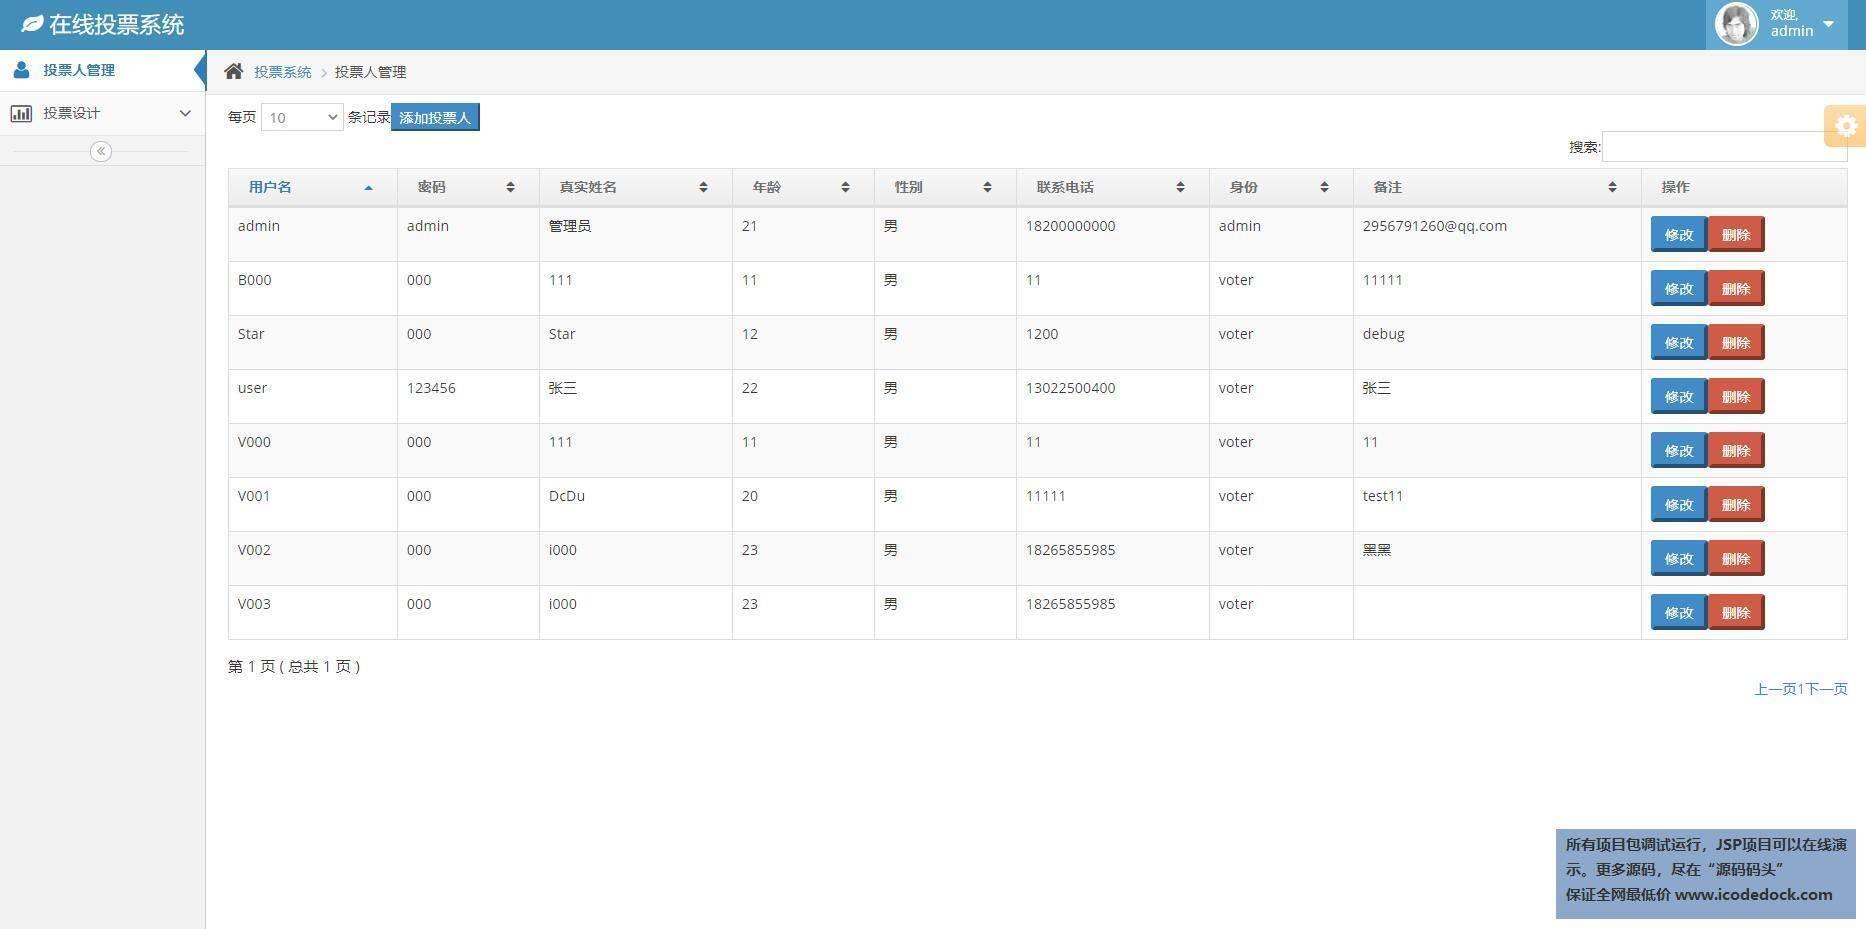 源码码头-SSH在线调查问卷管理系统-管理员角色-用户管理